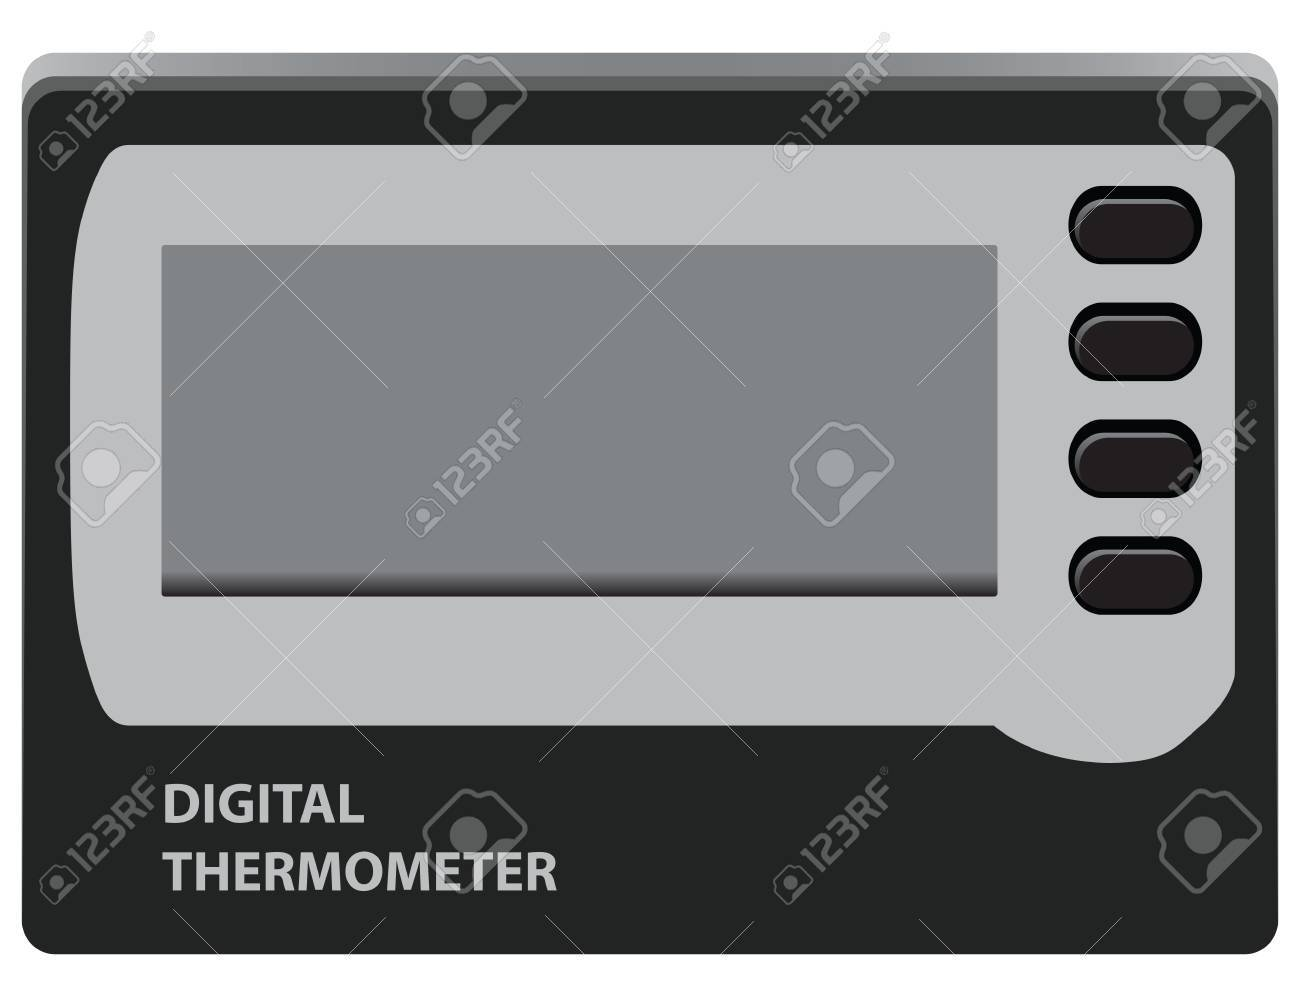 Kühlschrank Thermometer Digital : Digital thermometer für die temperaturregelung in den kühlschrank